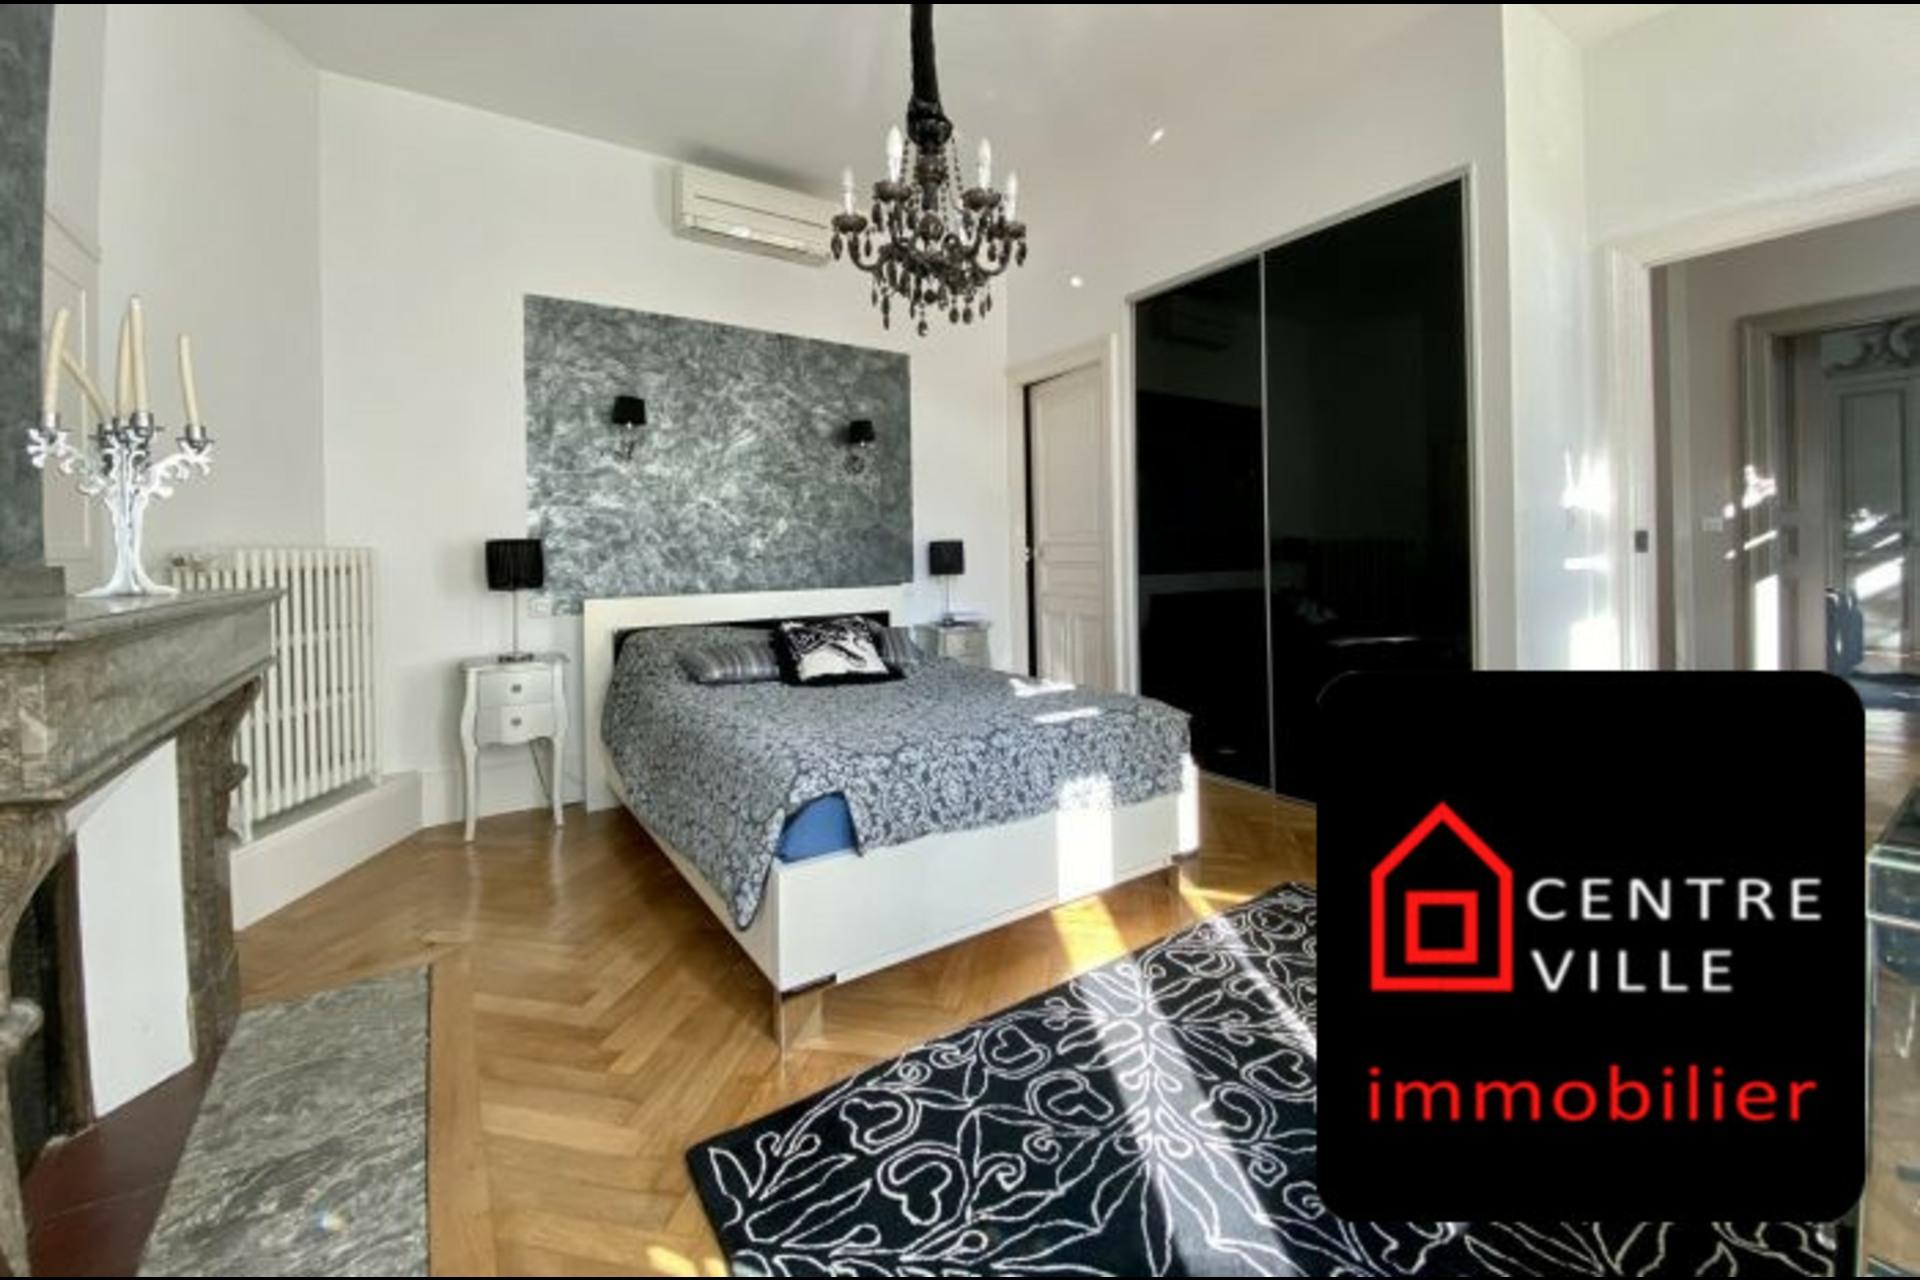 image 2 - Appartement À vendre Toulouse - 6 pièces